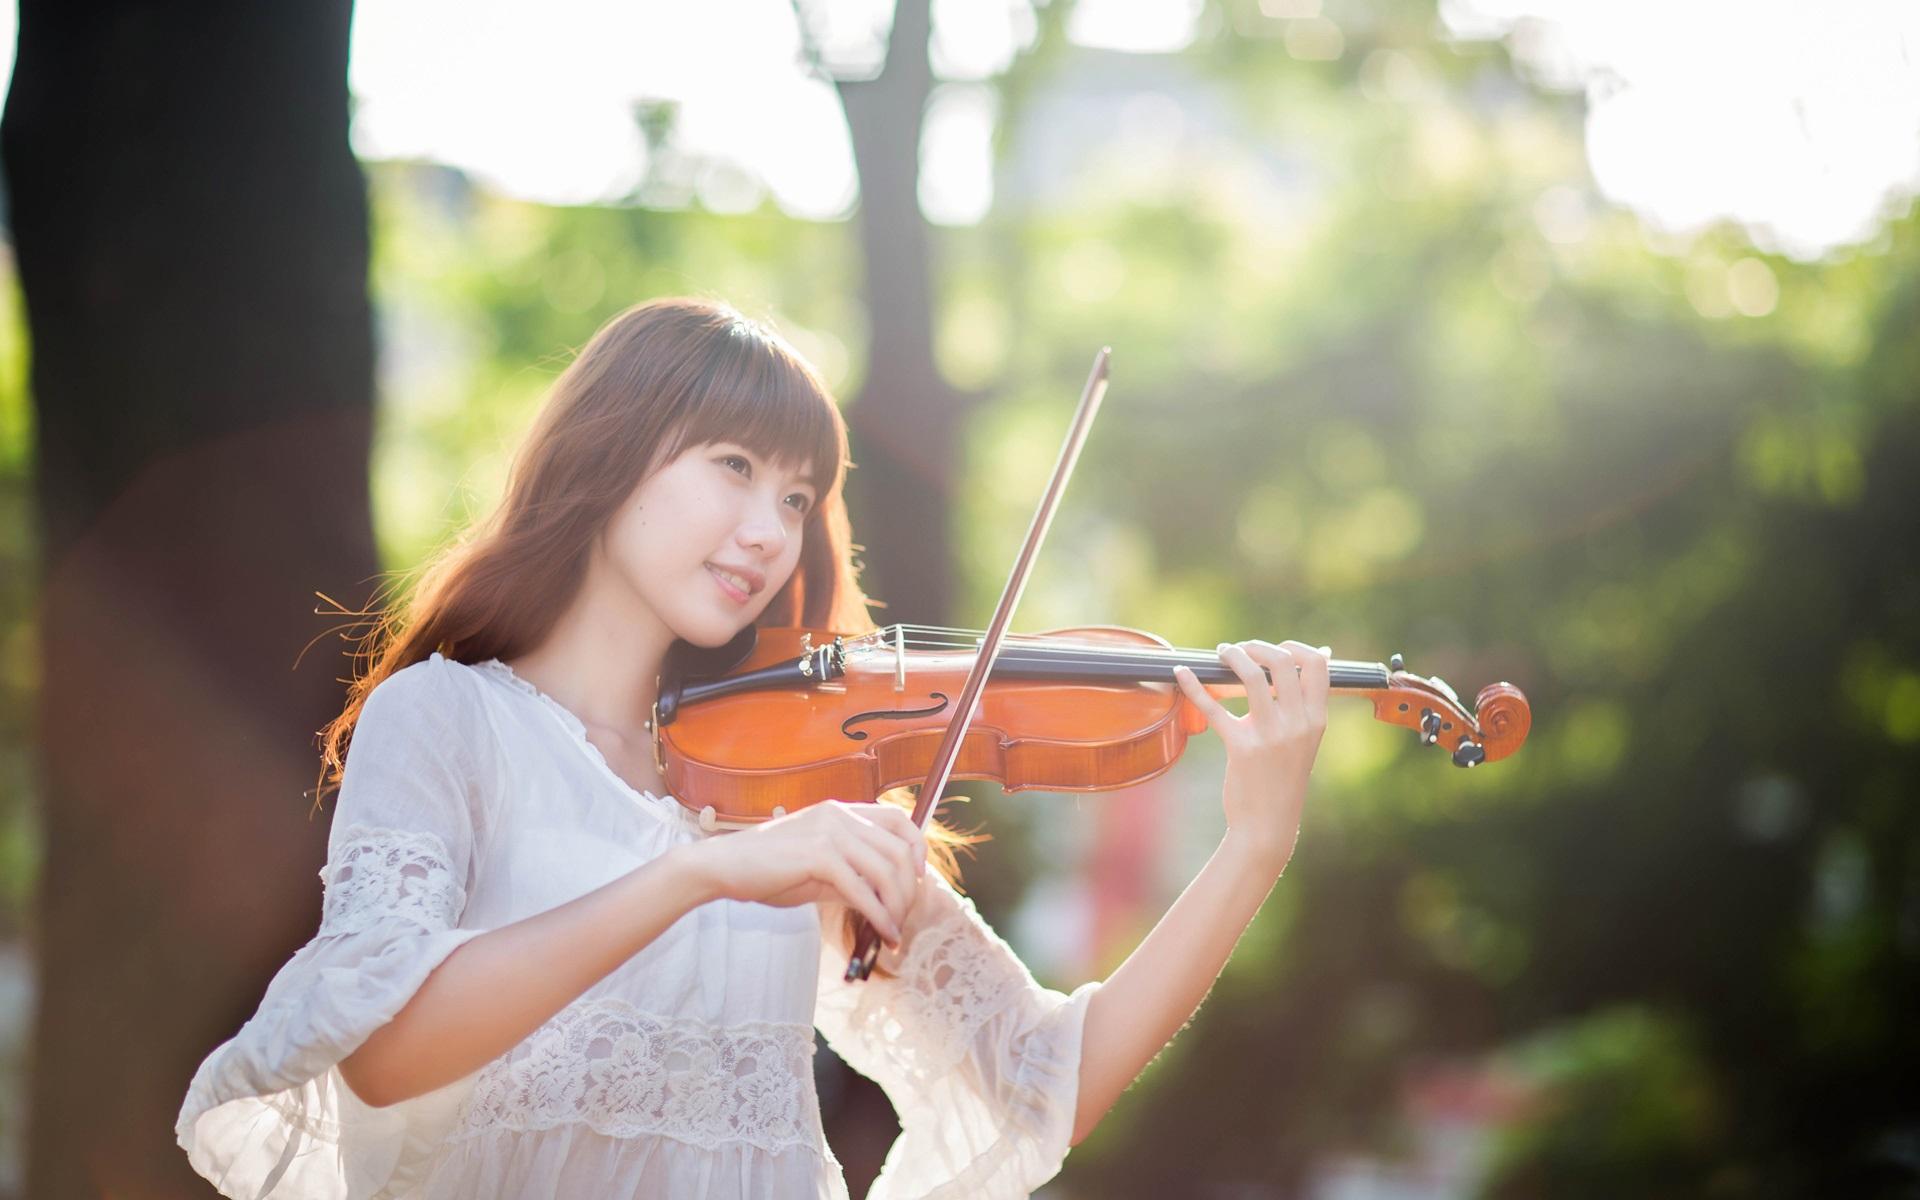 Học Violin Đơn giản và Dễ dàng với 4 bước cơ bản!